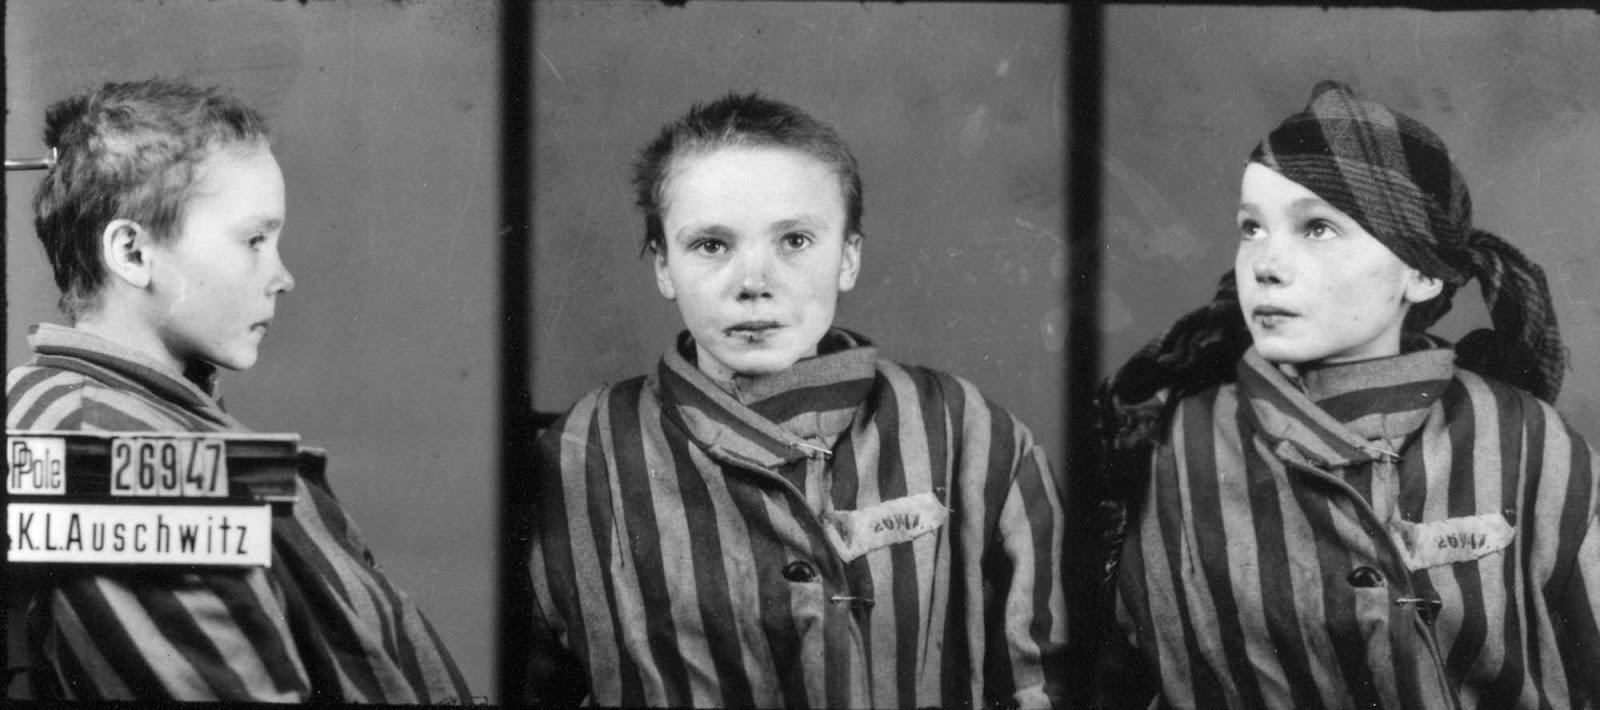 Czesława Kwoka in 1942 or 1943.